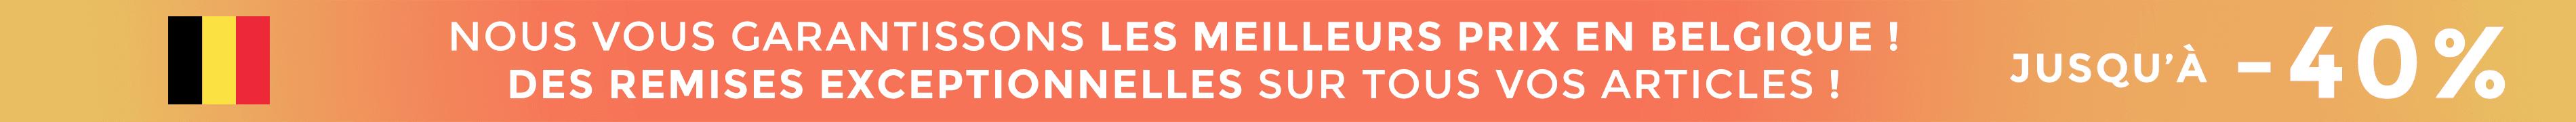 Nous vous garantissons les meilleurs prix en Belgique! Des remises exceptionnelles sur tous vos articles!